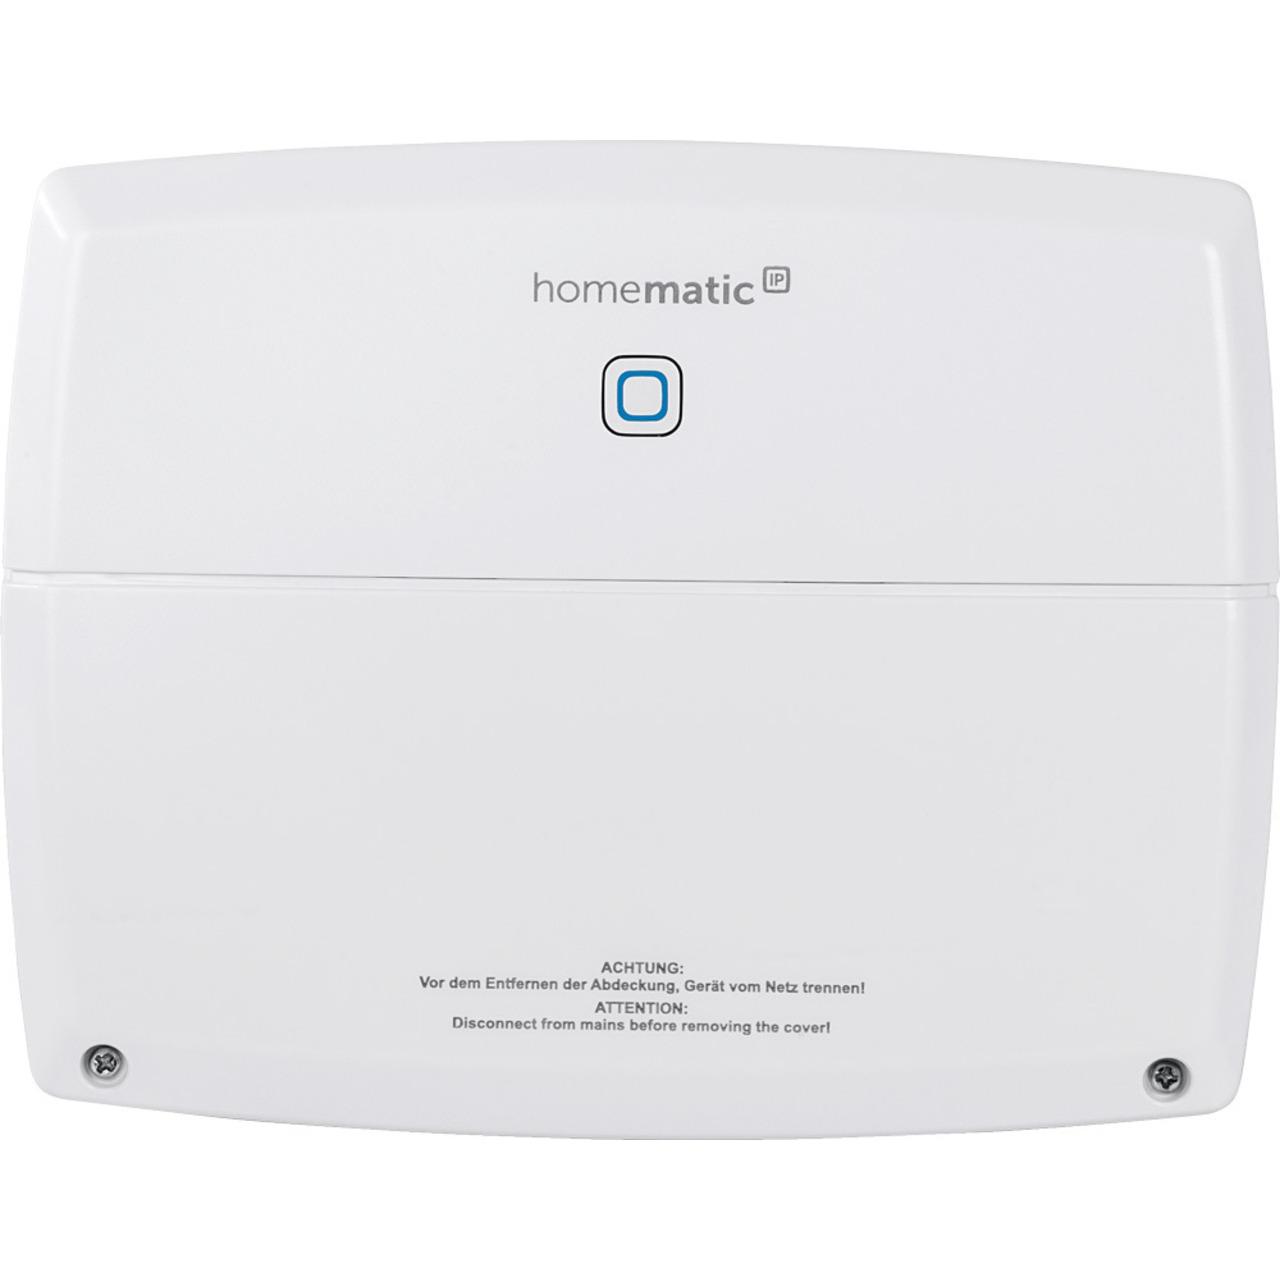 Homematic IP Smart Home Multi IO Box HmIP-MIOB